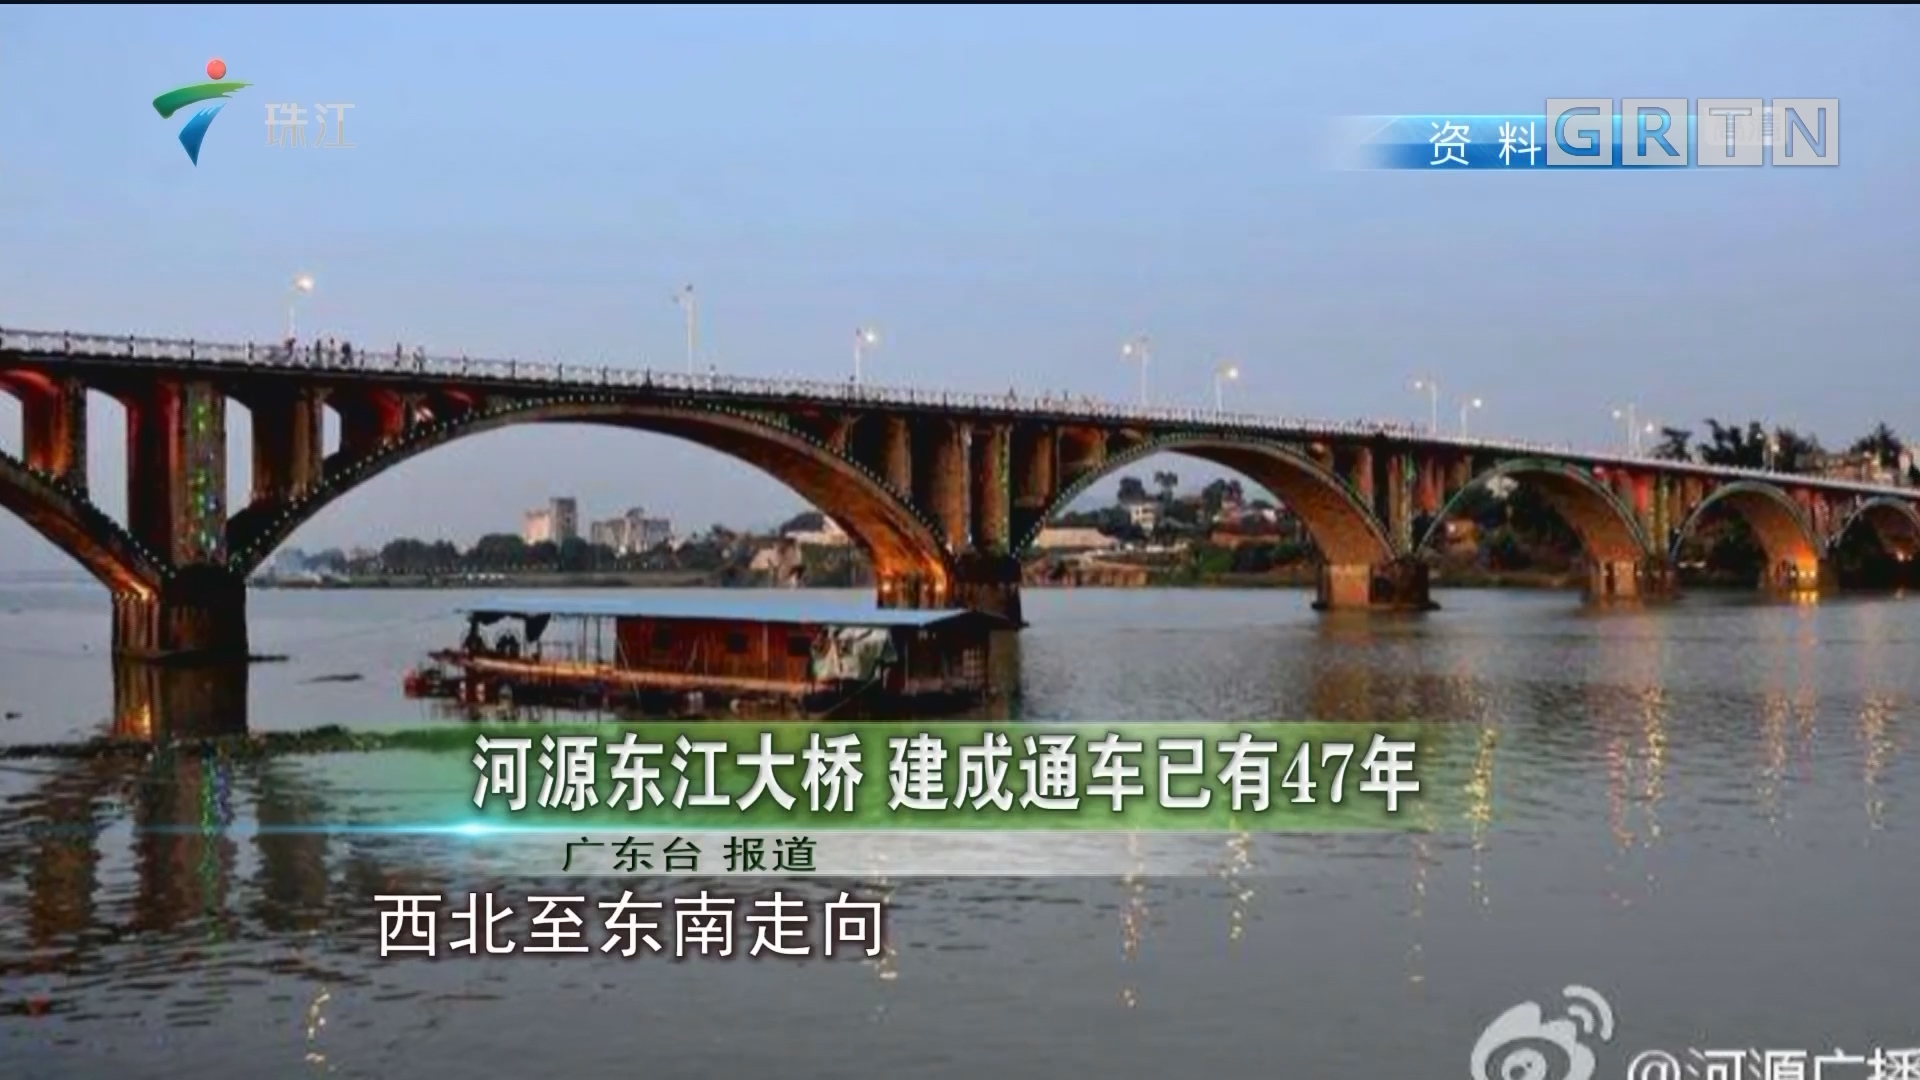 河源東江大橋 建成通車已有47年